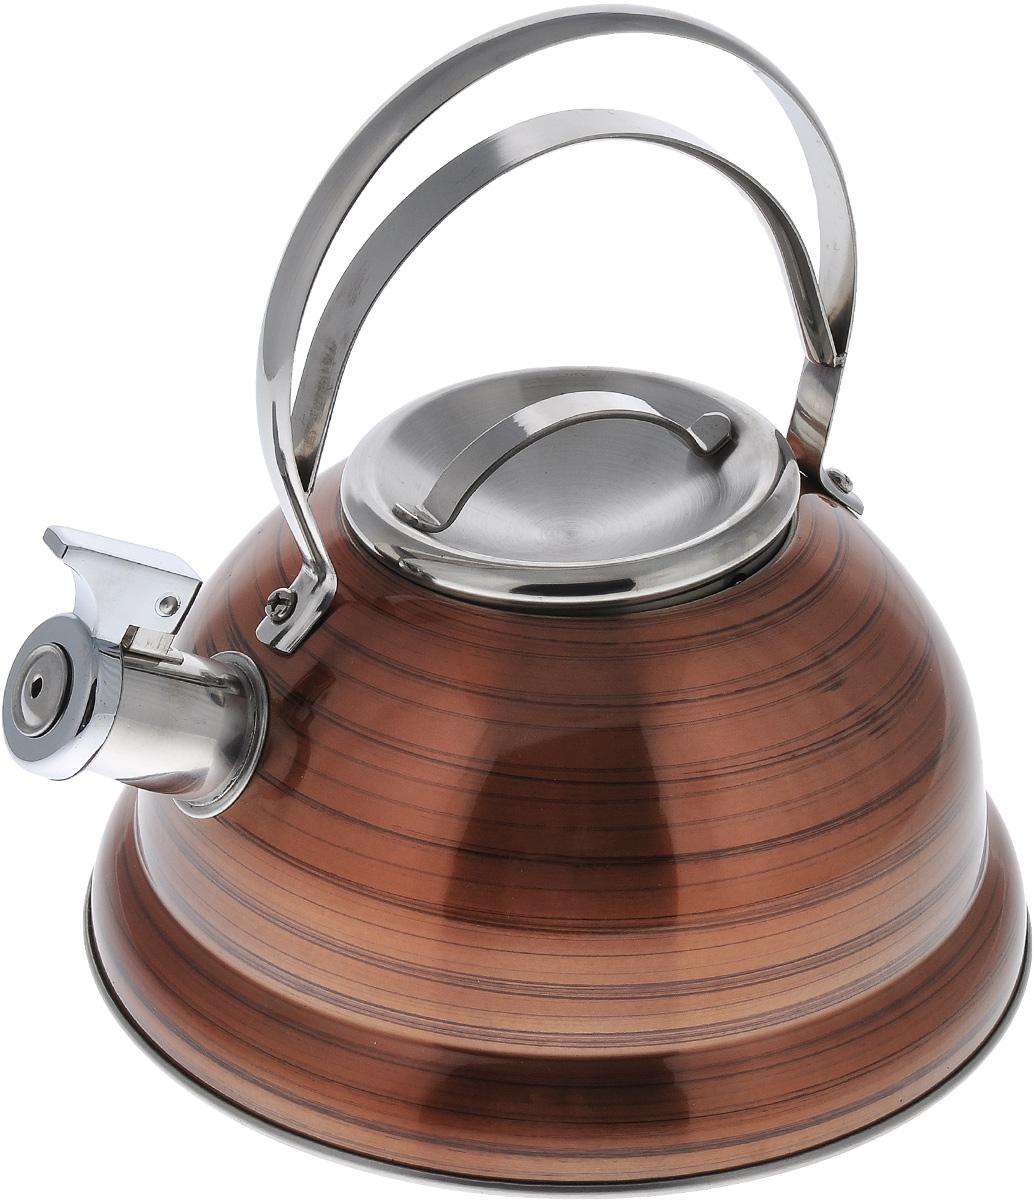 Чайник Bekker De Luxe, со свистком, цвет: оранжевый, 2,5 л54 009312Чайник Bekker De Luxe изготовлен из высококачественной нержавеющей стали с цветным зеркальным покрытием в полоску. Капсулированное дно распределяет тепло по всей поверхности, что позволяет чайнику быстро закипать. Крышка и эргономичная фиксированная ручка выполнены из нержавеющей стали. Носик оснащен откидным свистком, который подскажет, когда закипела вода. Подходит для всех типов плит, кроме индукционных. Можно мыть в посудомоечной машине. Диаметр чайника (по верхнему краю): 10 см. Диаметр основания: 22 см. Толщина стенки: 0,4 мм.Высота чайника (без учета ручки и крышки): 11,5 см. Высота чайника (с учетом ручки и крышки): 23,5 см.